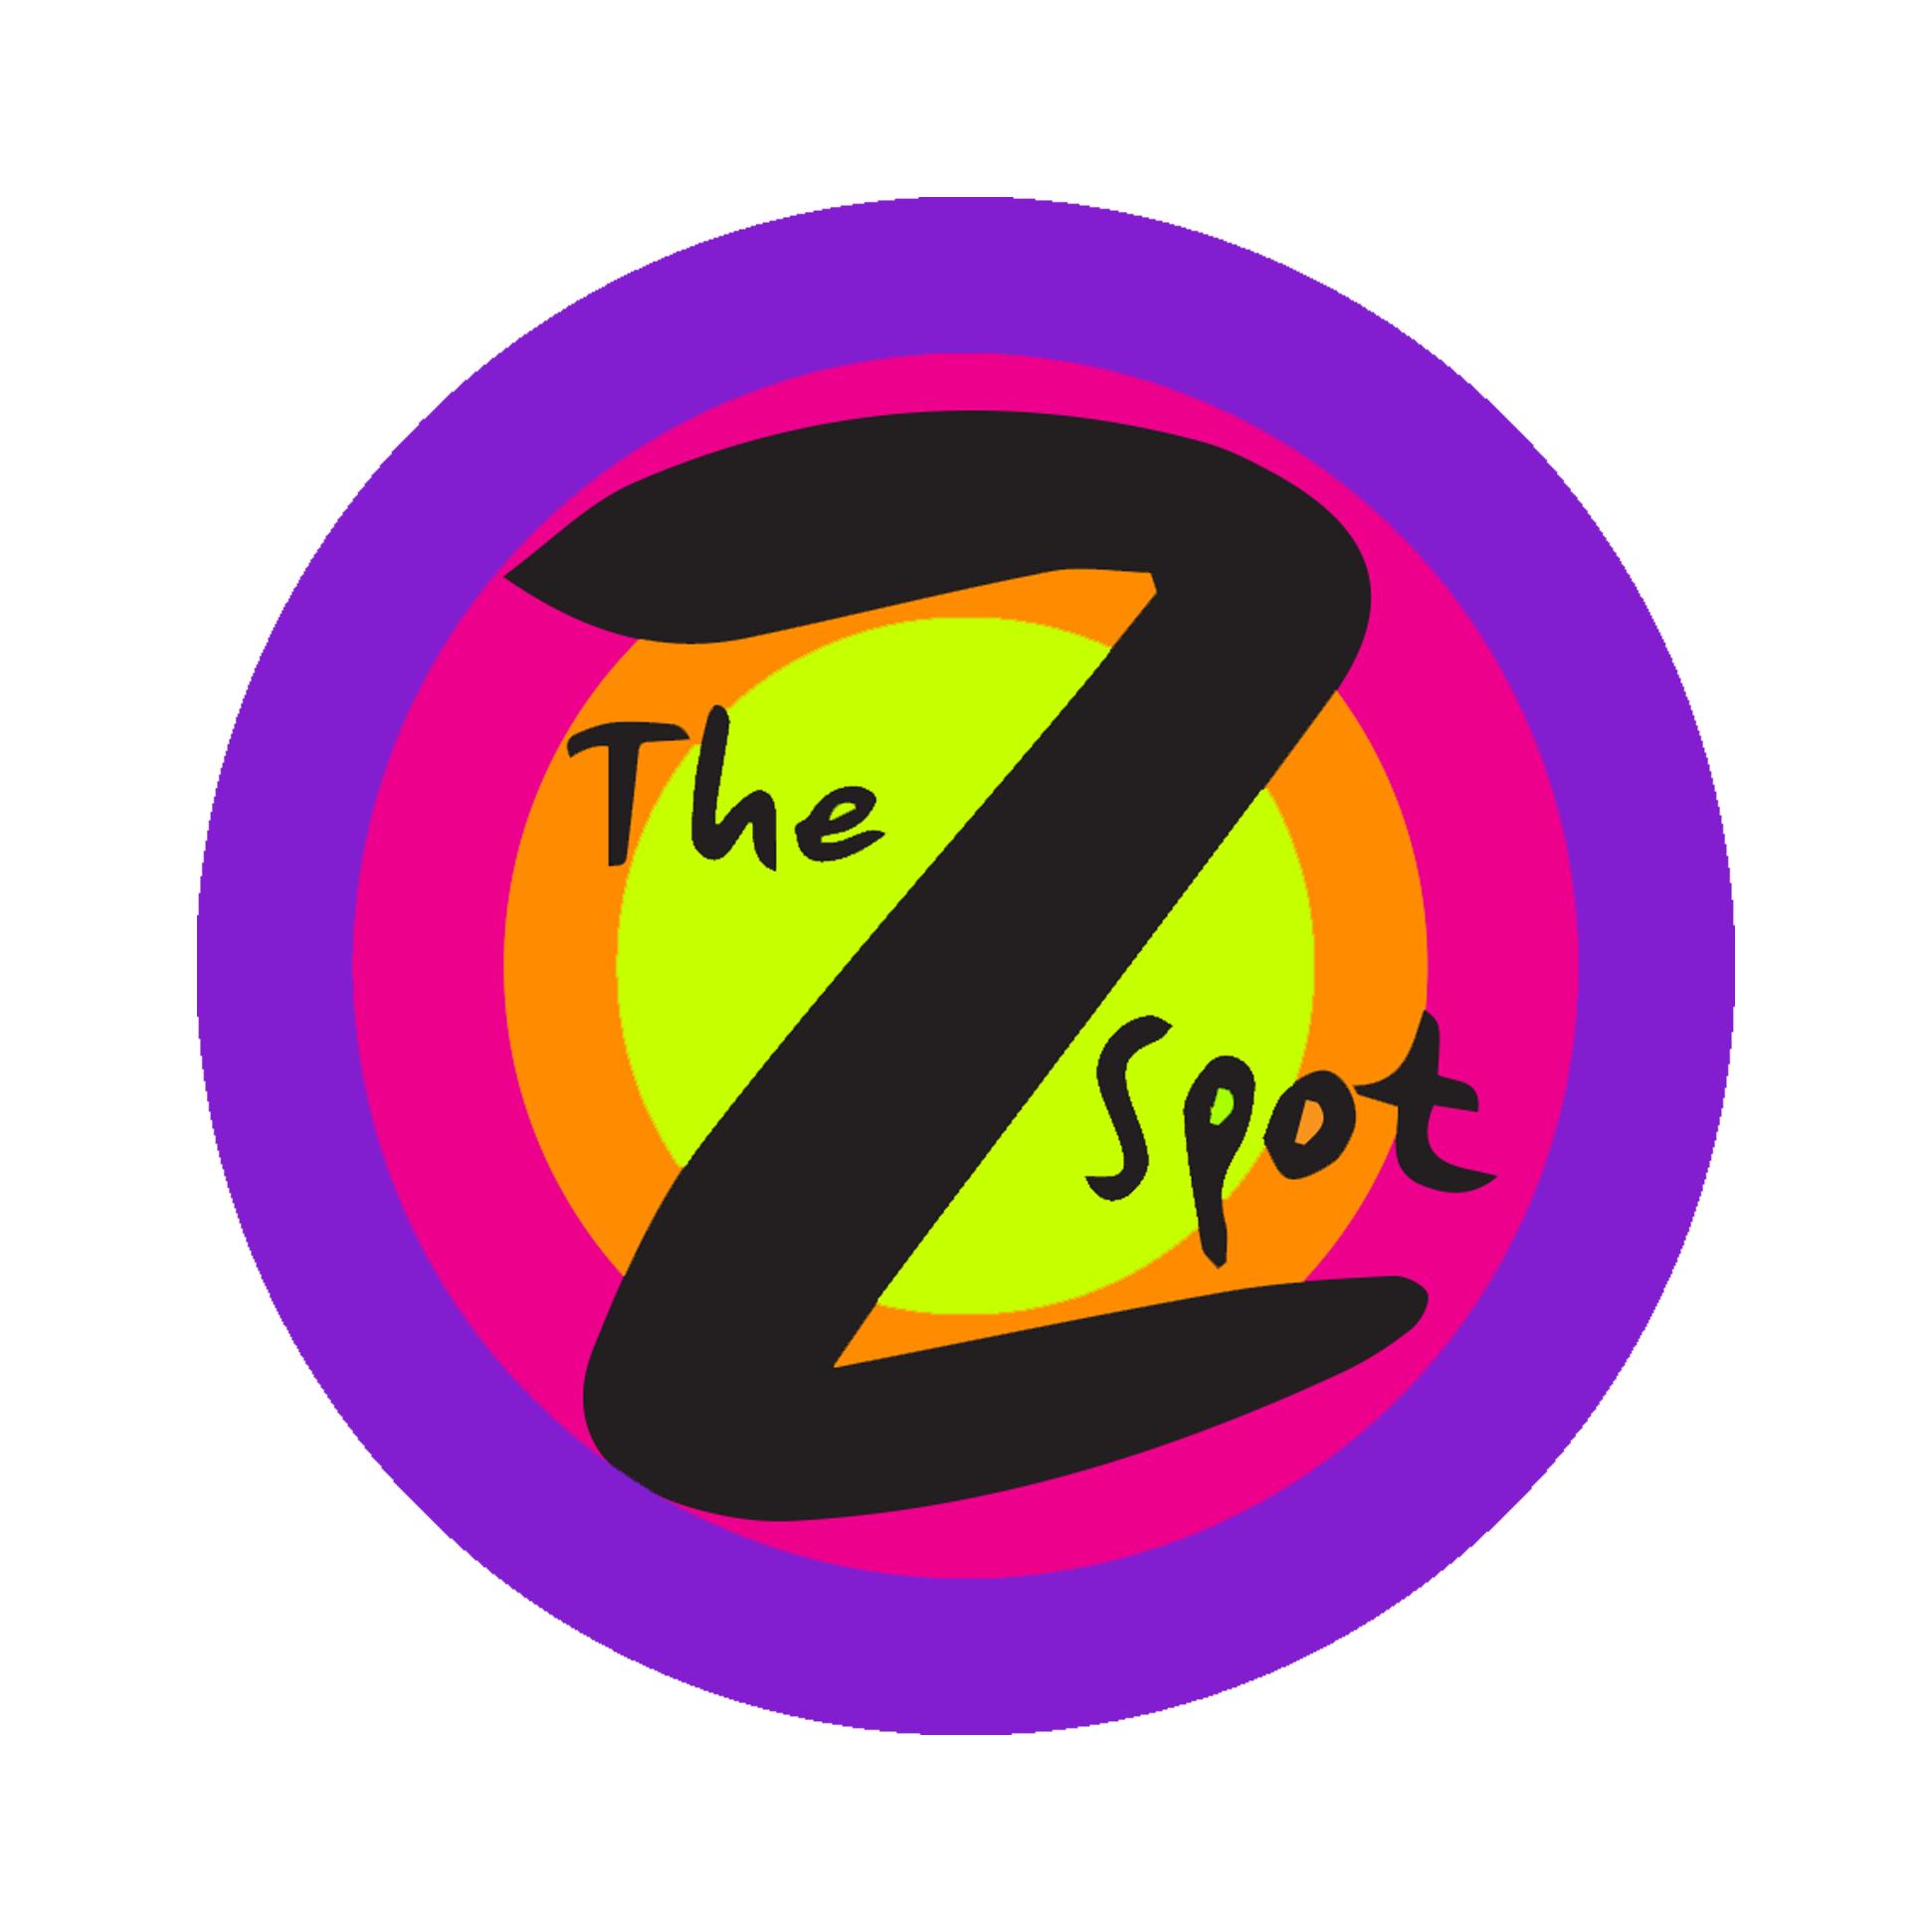 The Z Spot Fitness Studio